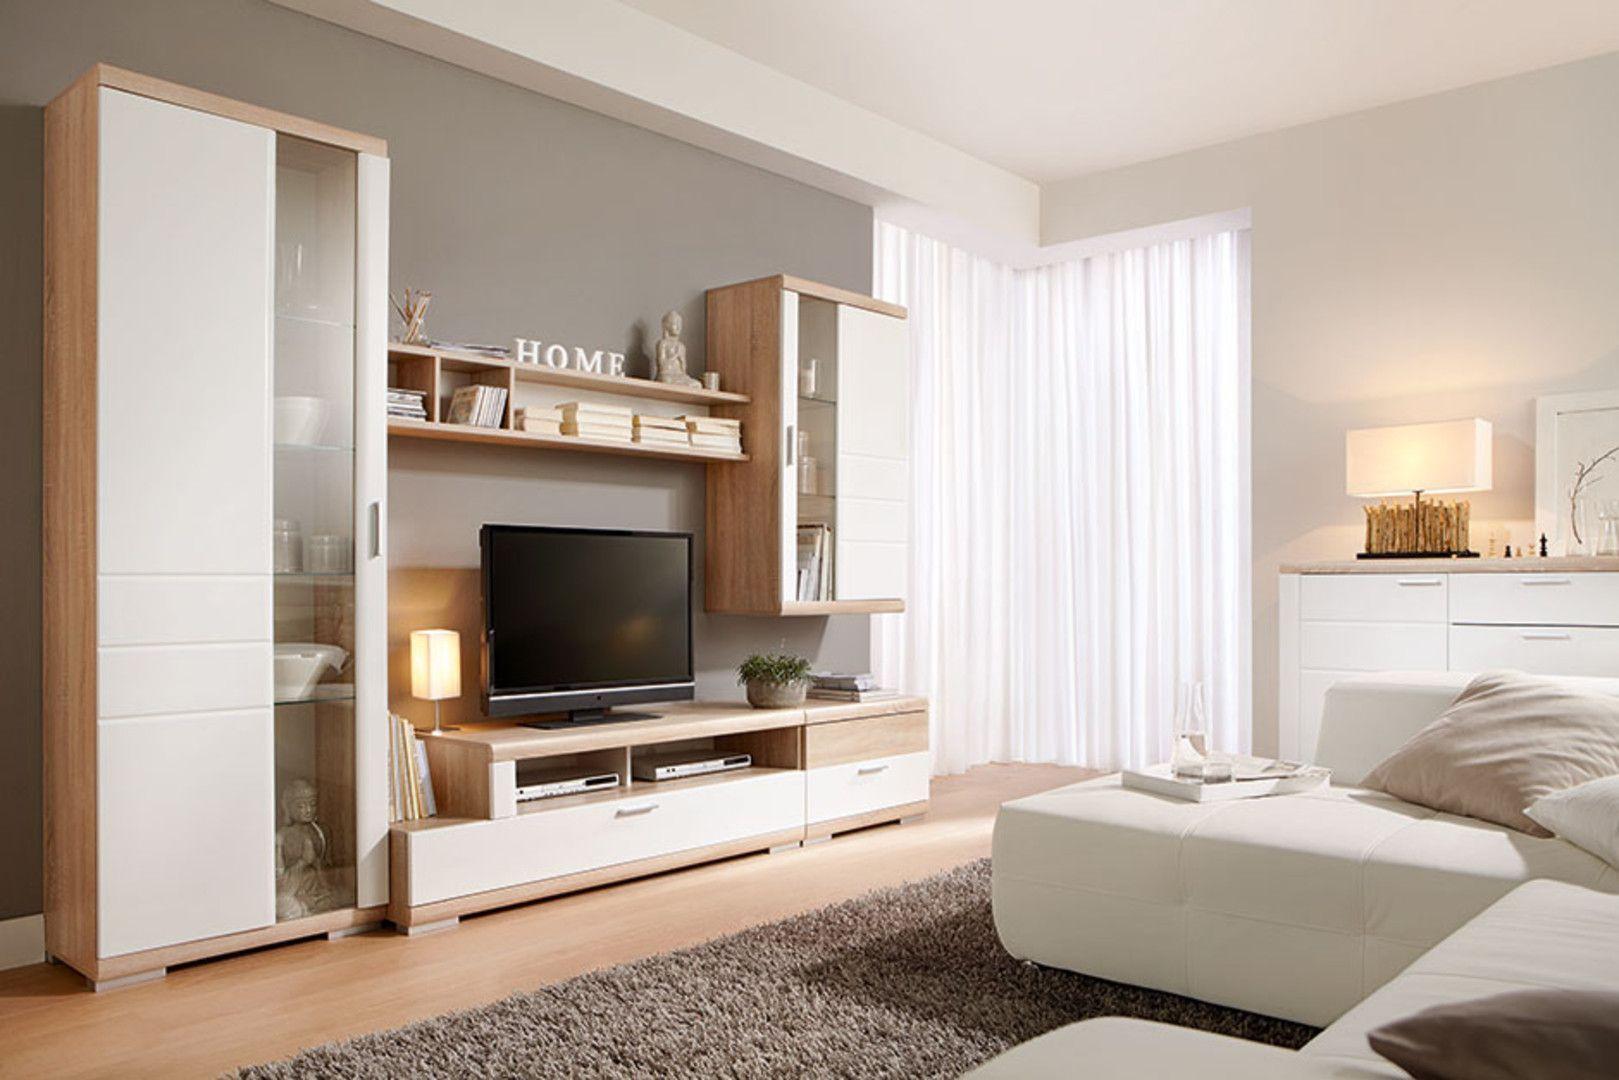 Momax Exklusive Wohnzimmer Fur Jeden Stil Wohnen Wohnwand Weiss